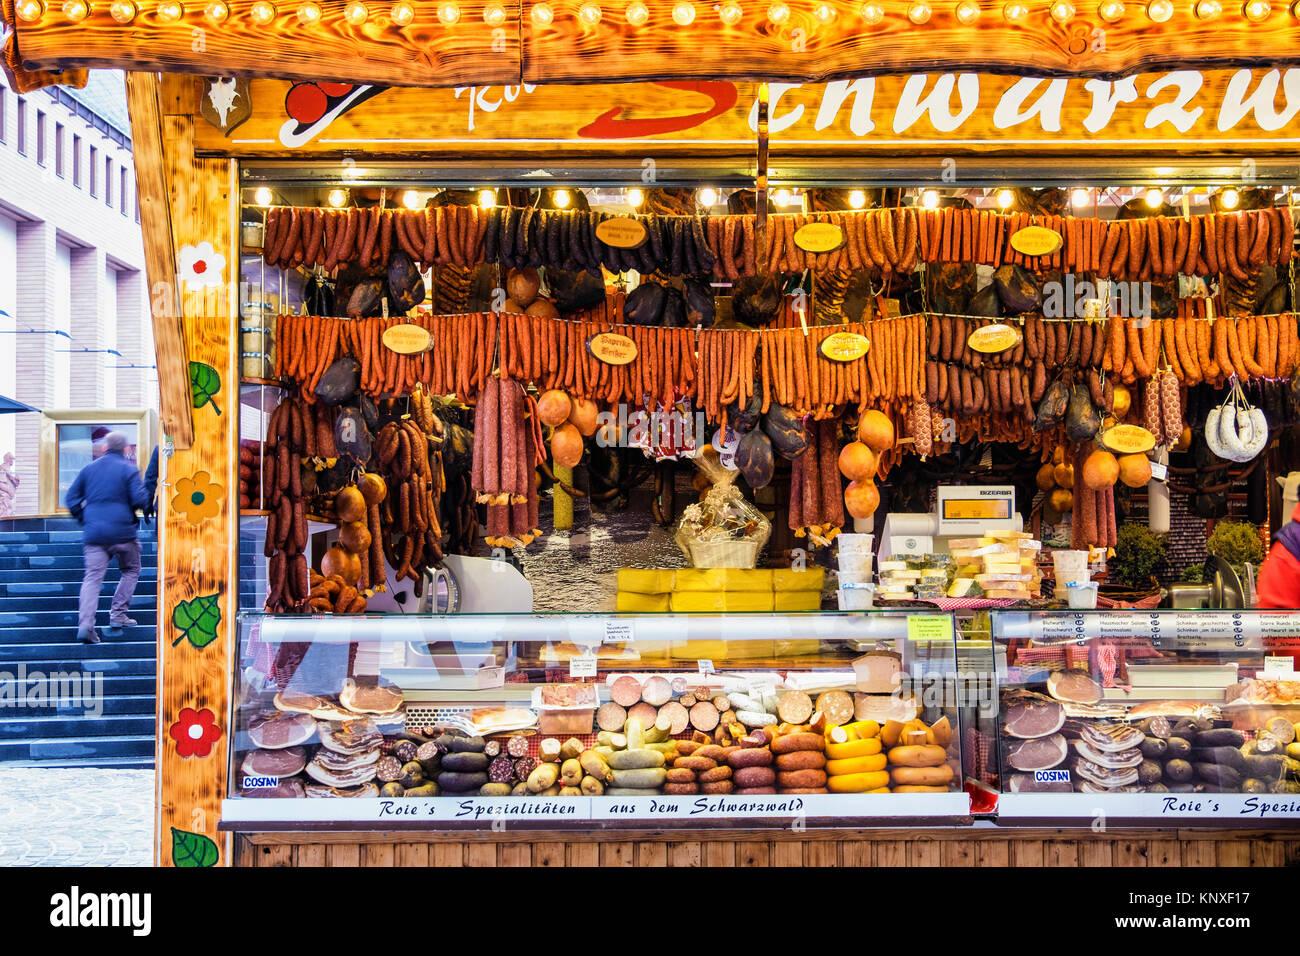 Weihnachtsmarkt Typische Speisen.Typische Deutsche Speisen Stockfotos Typische Deutsche Speisen